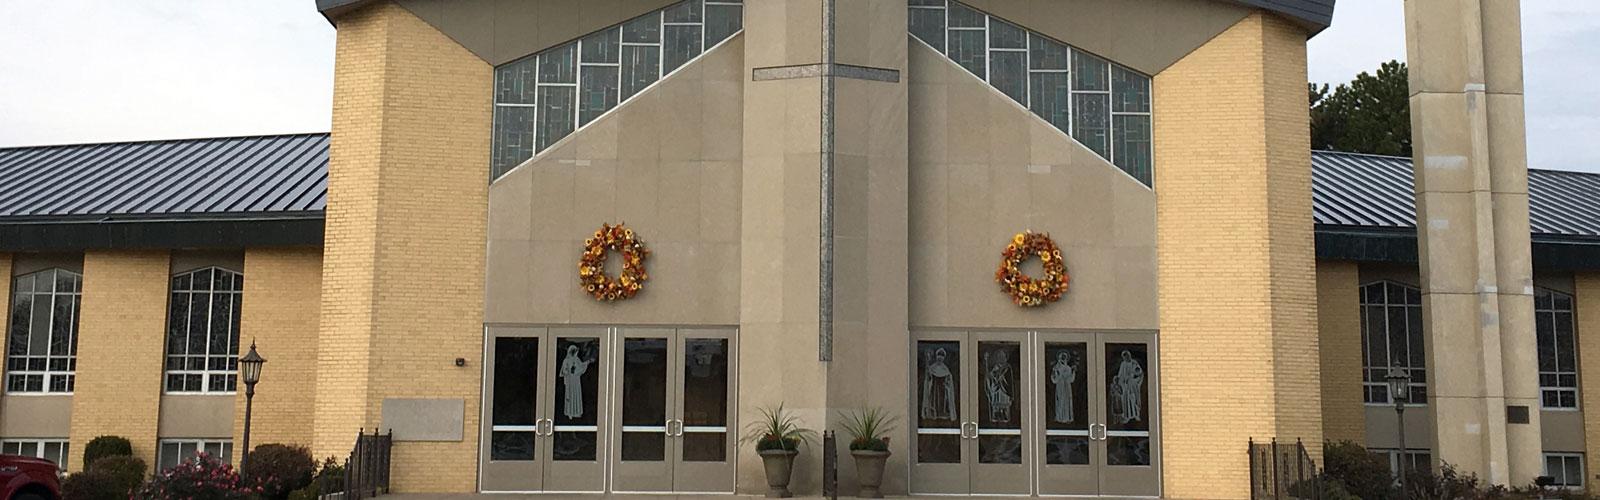 About Our Parish